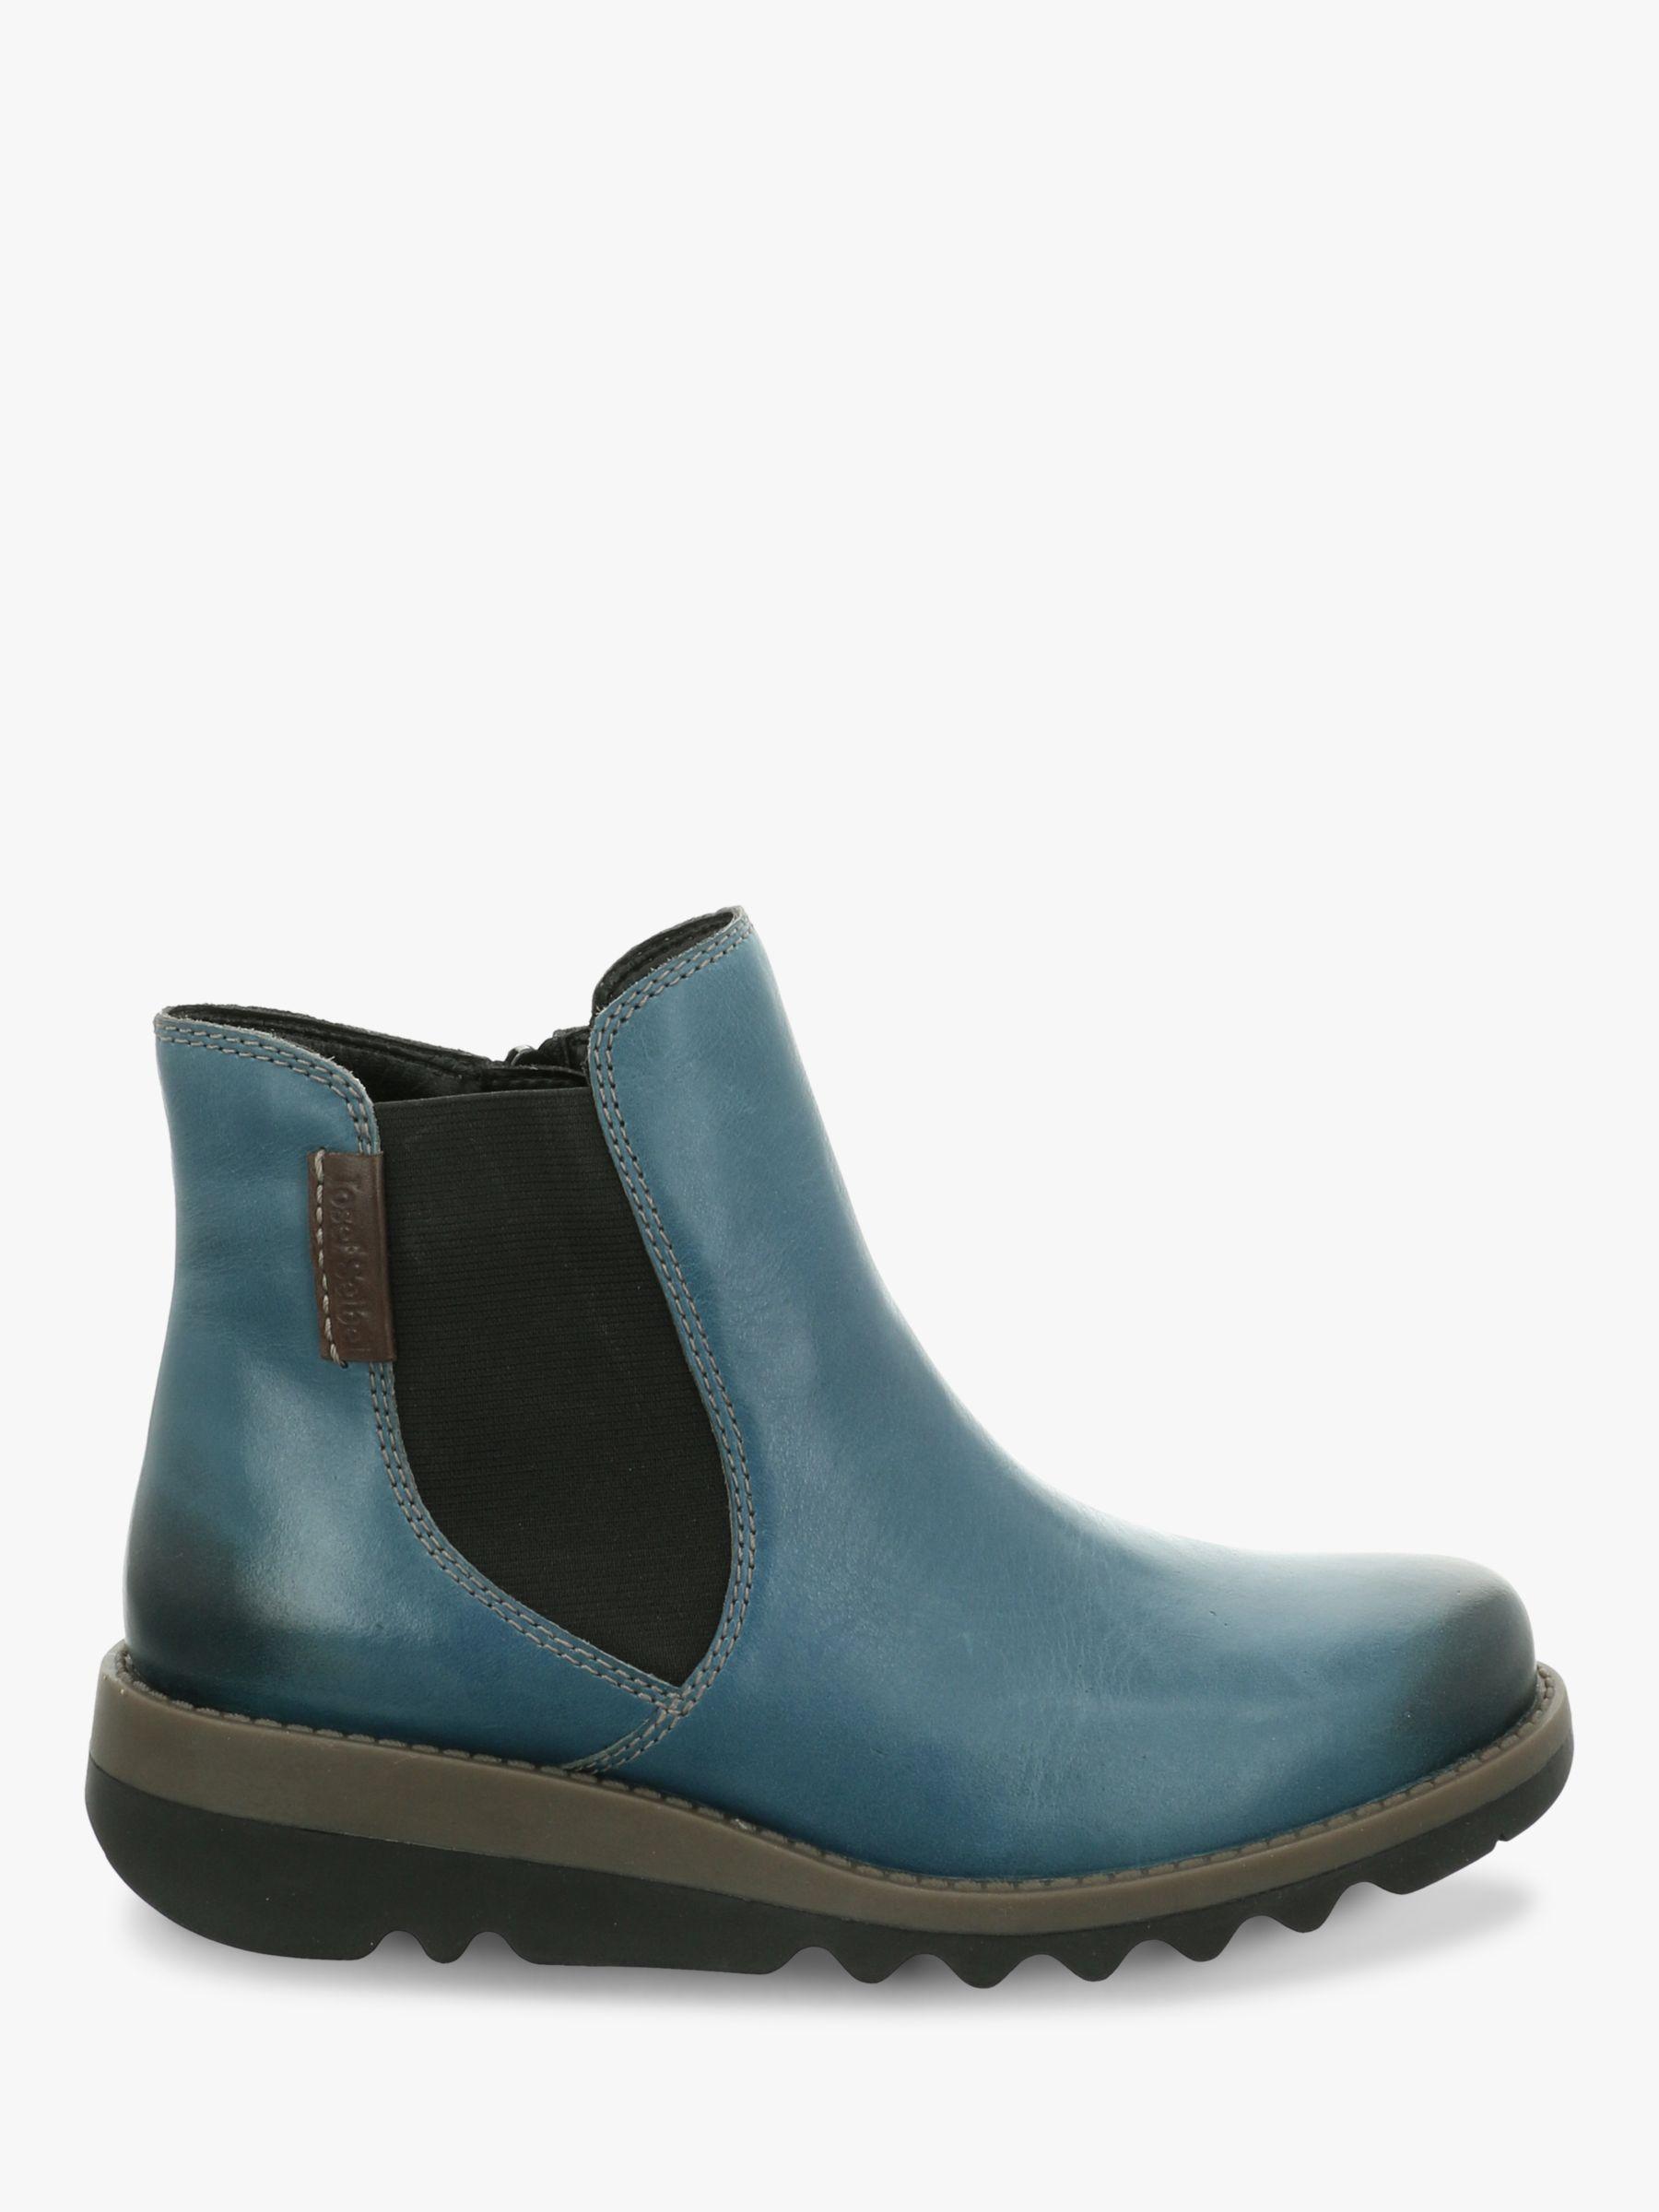 Josef Seibel Josef Seibel Lina 5 Leather Ankle Boots